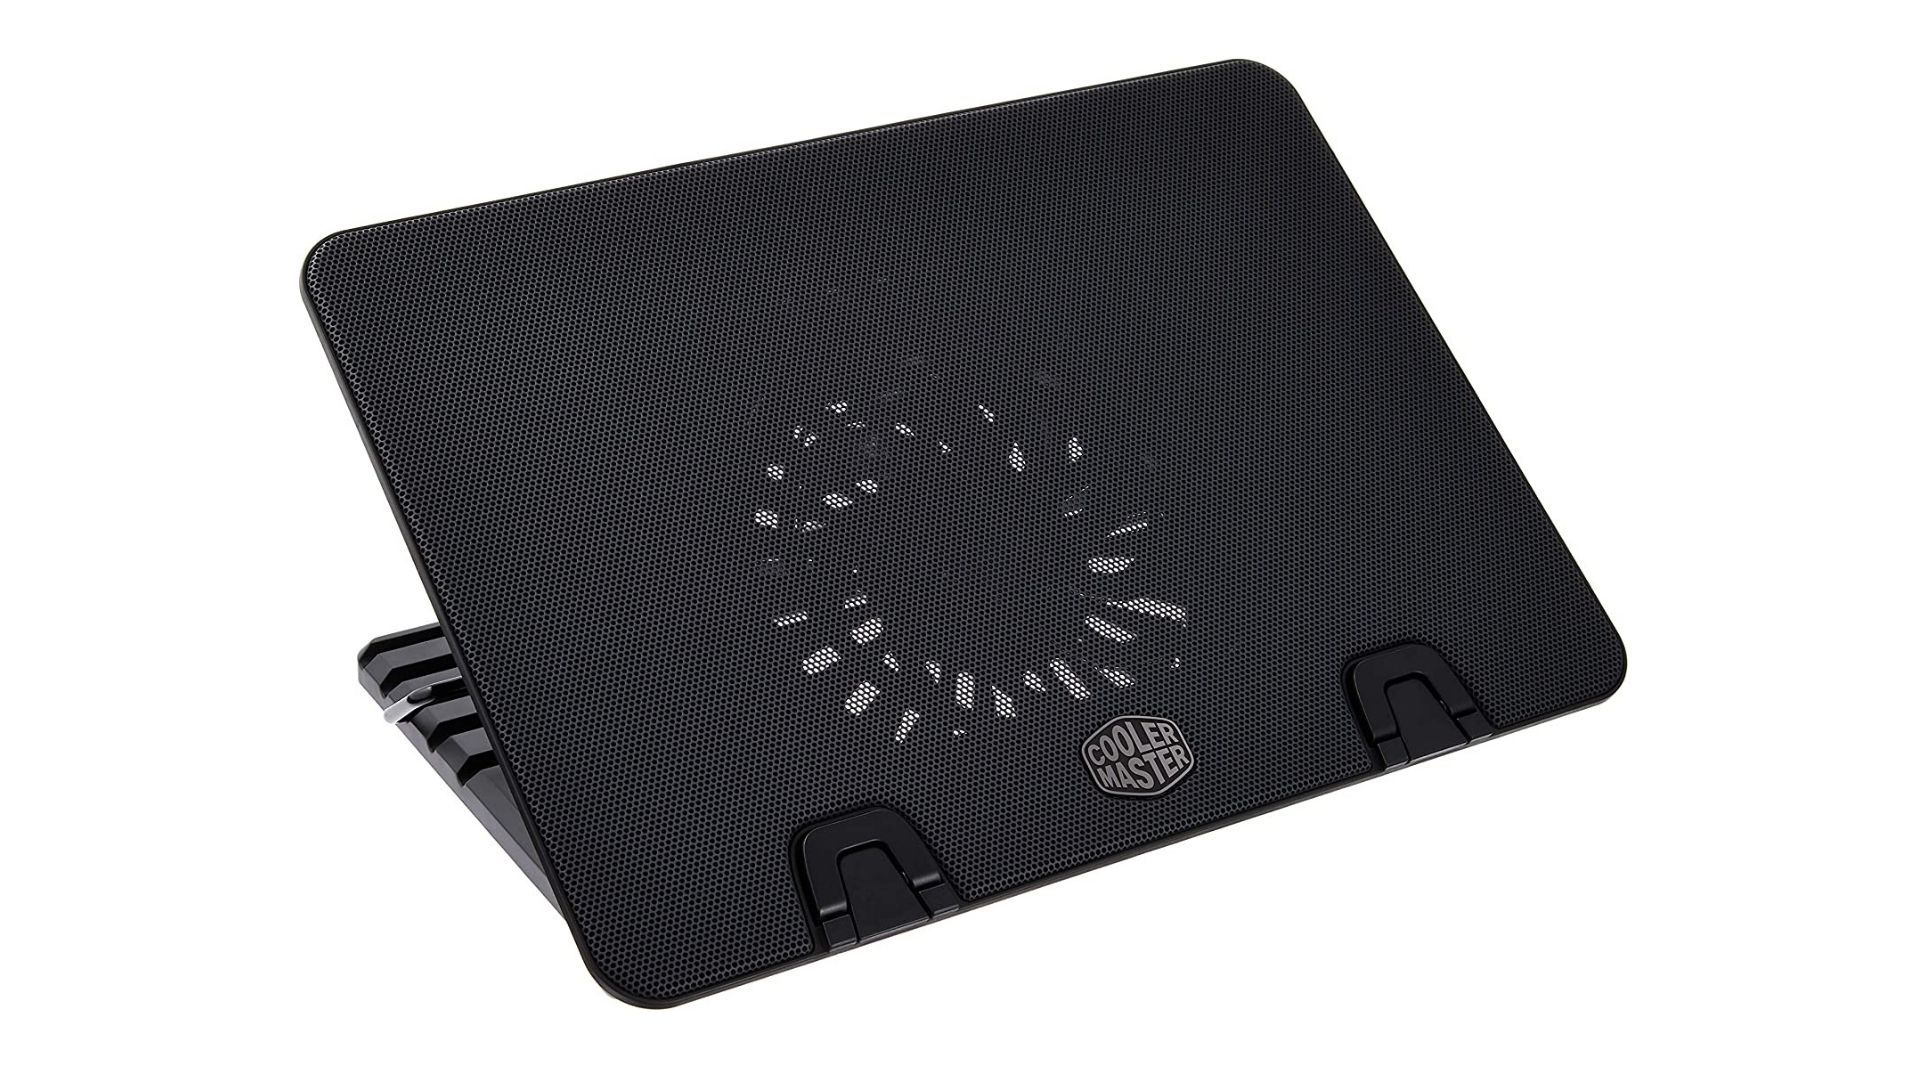 Ergostand IV é um suporte de notebook com cooler que se destaca (Foto: Divulgação/Cooler Master)